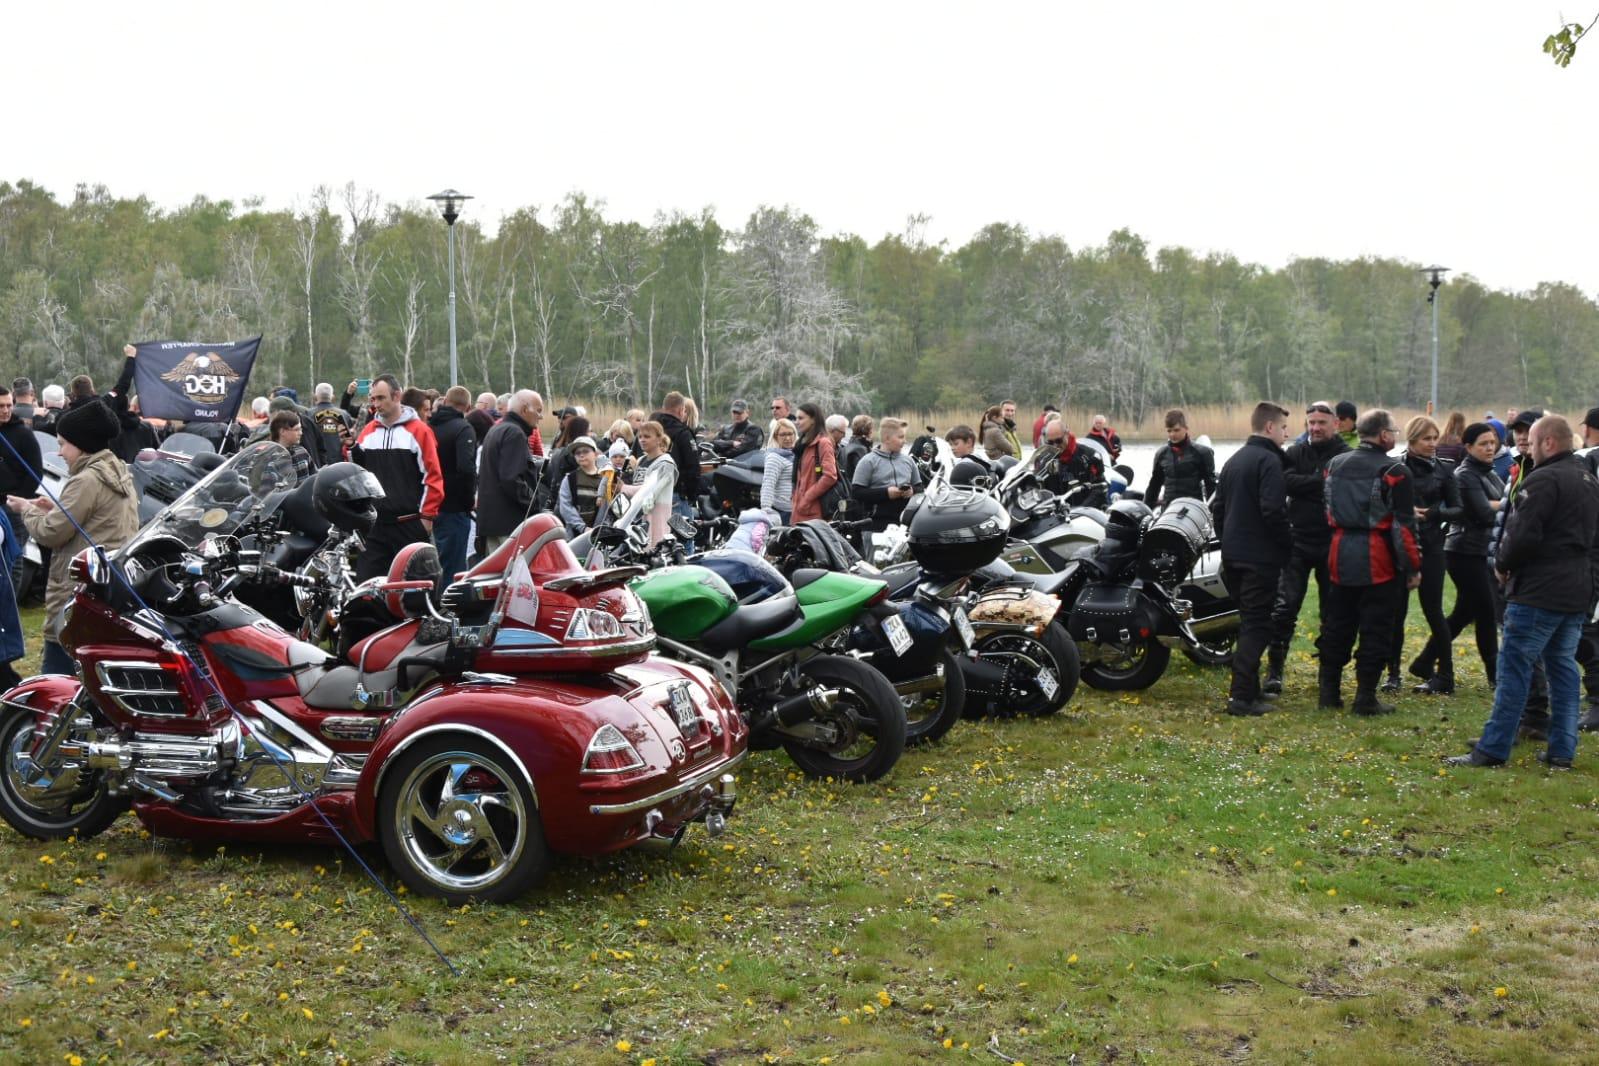 W Dziwnowie zaroiło się od motocykli! [Zdjęcia, Film]